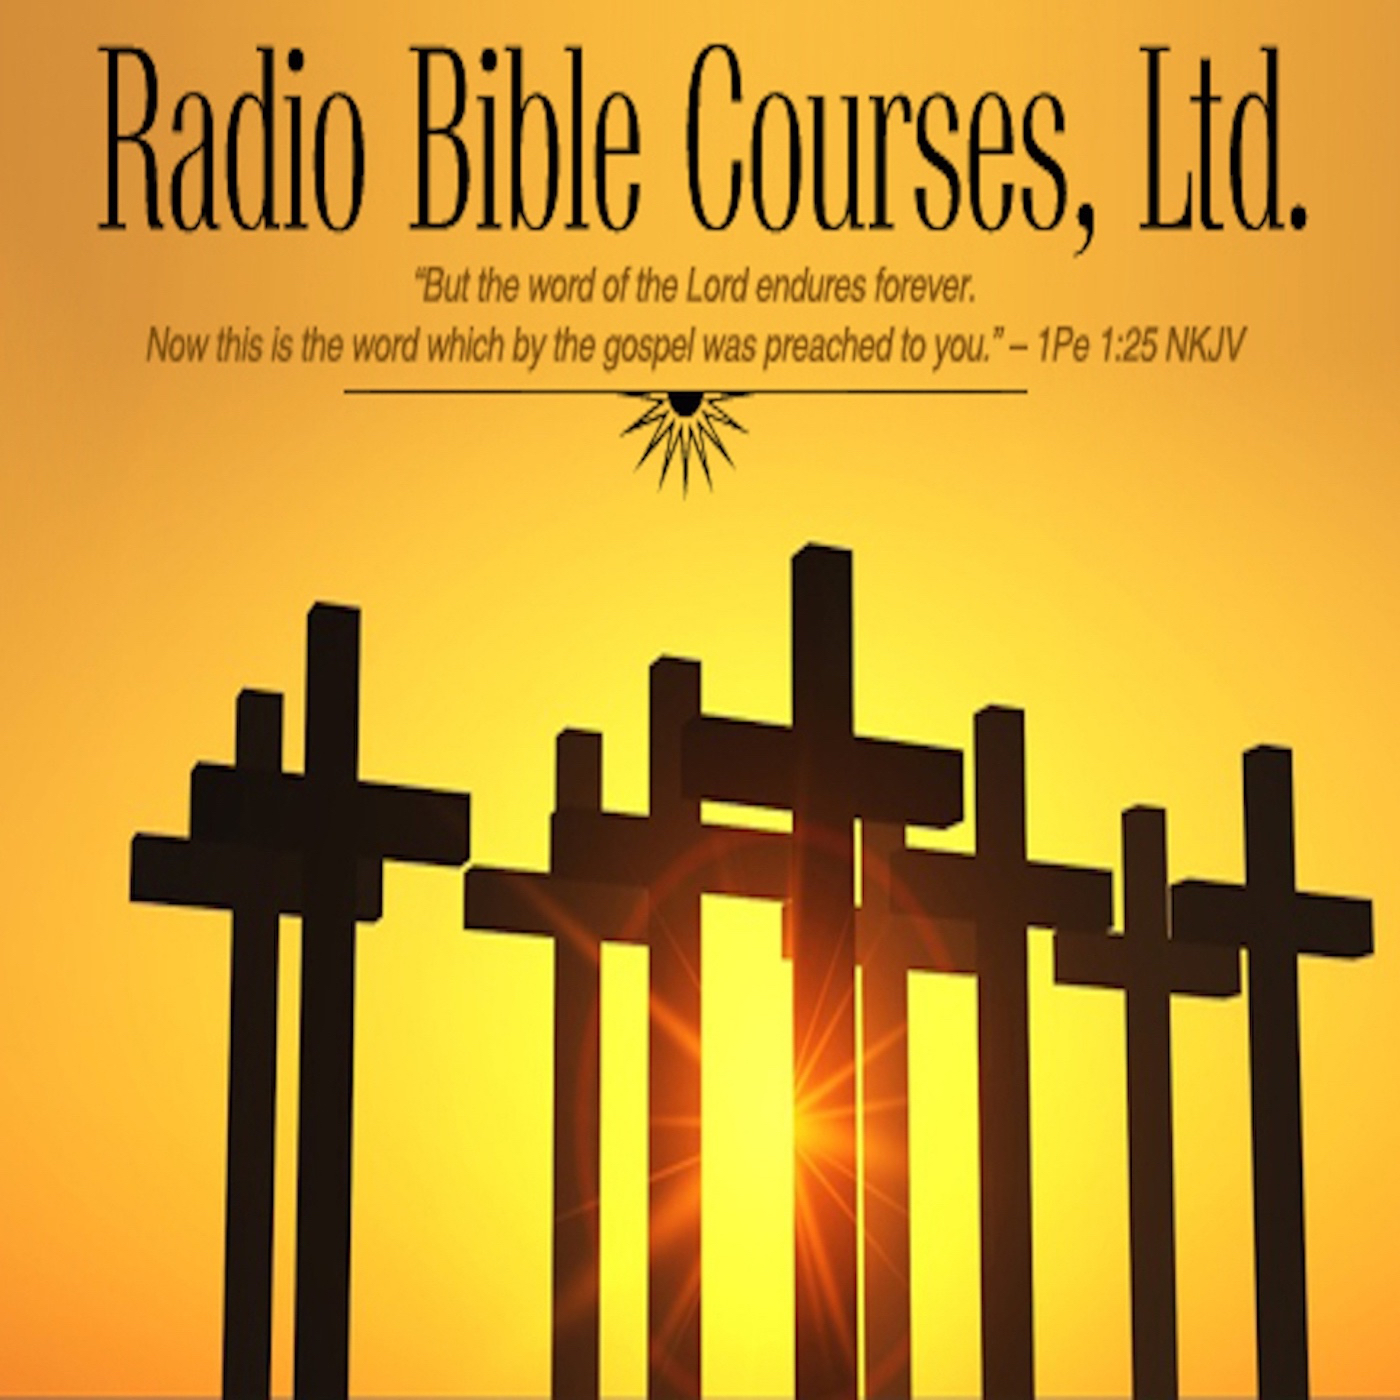 Radio Bible Courses